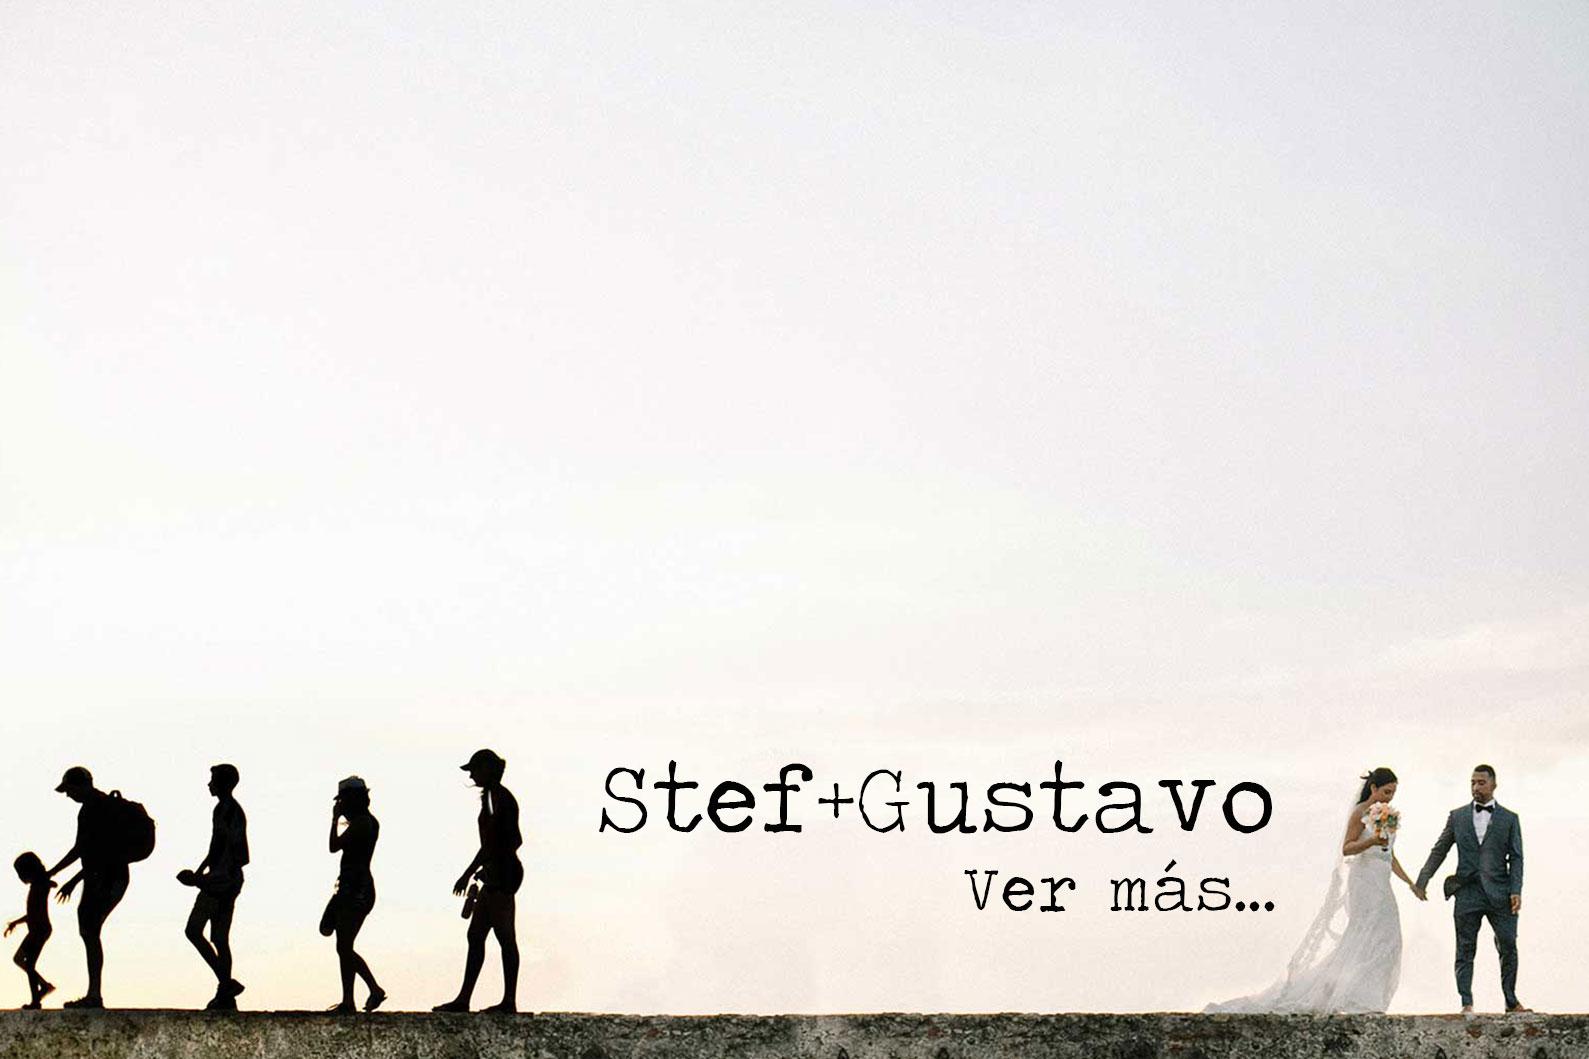 Stef+Gustavos